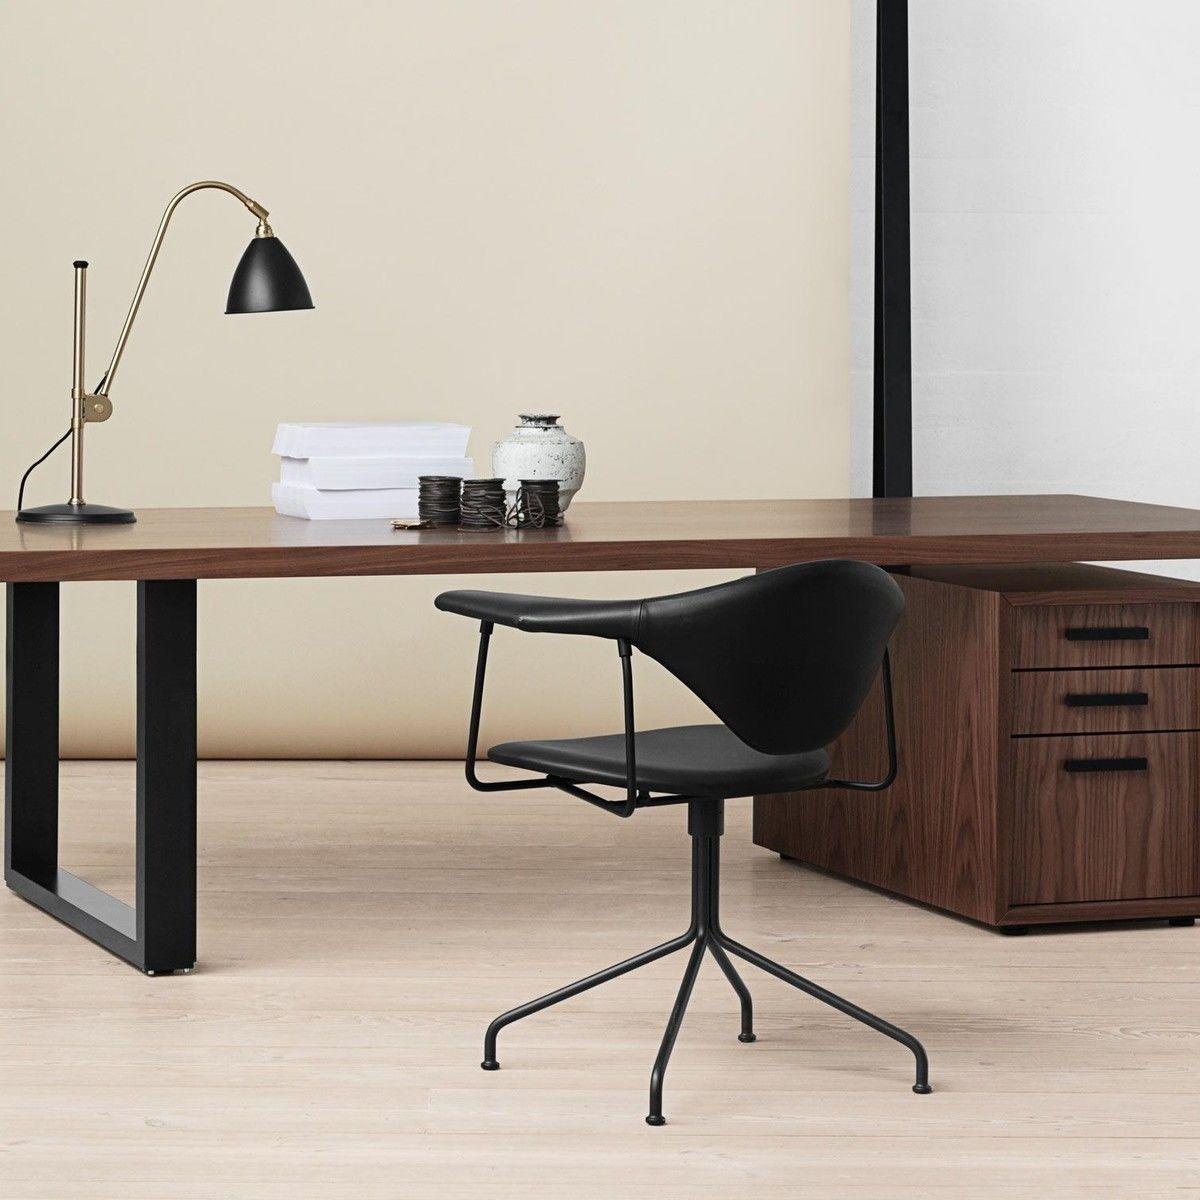 gubi masculo dining chair drehstuhl gubi. Black Bedroom Furniture Sets. Home Design Ideas